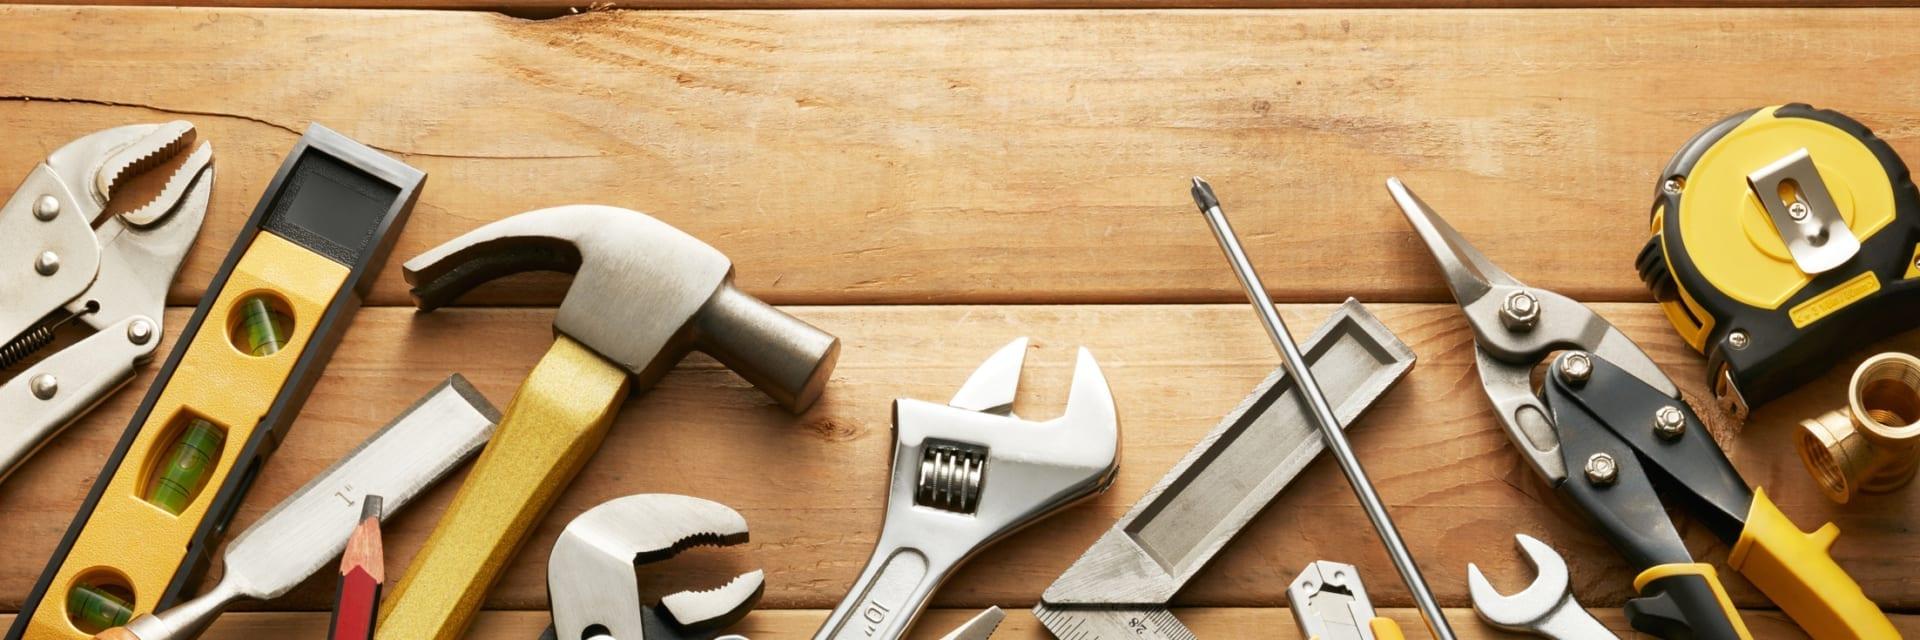 Greifen Sie zum richtigen Sourcing-Werkzeug